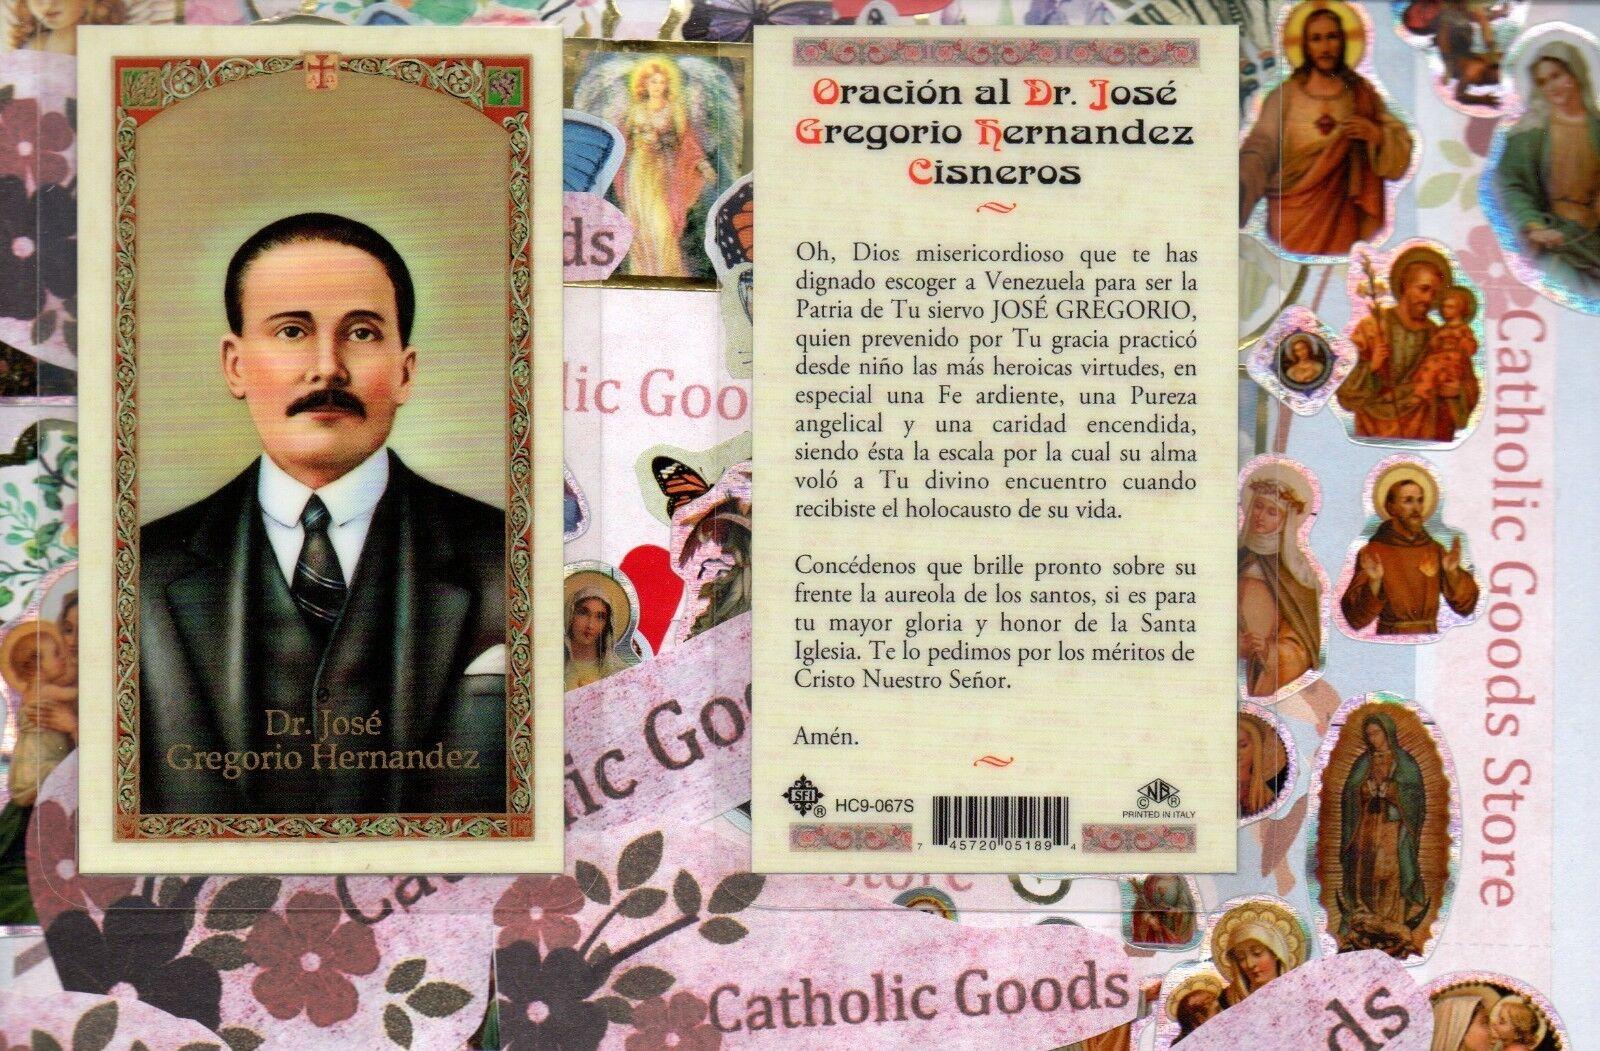 Oracion Al Dr Jose Gregorio Hernandez Cisneros Spanish Laminated Holy Card 745720051894 Ebay